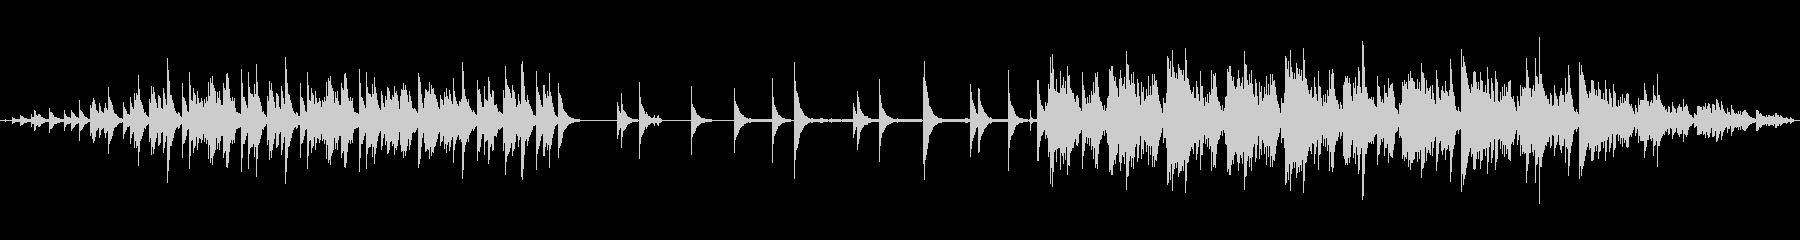 明るいハイテンポなエレクトロニカの未再生の波形